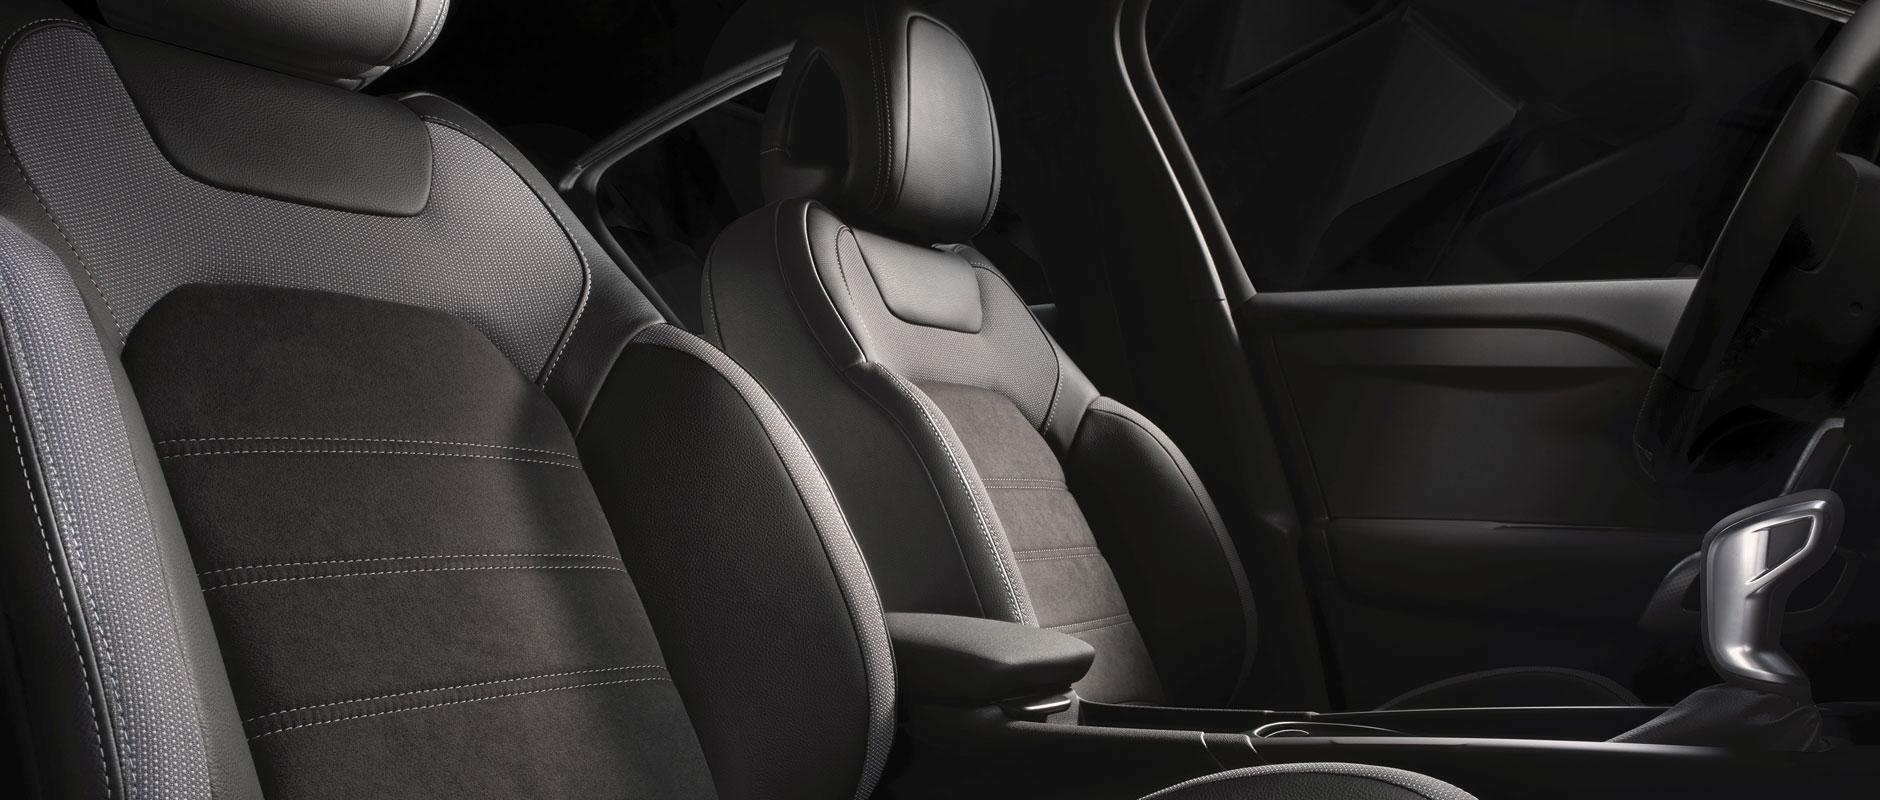 DS 4 Crossback - détails - Interior